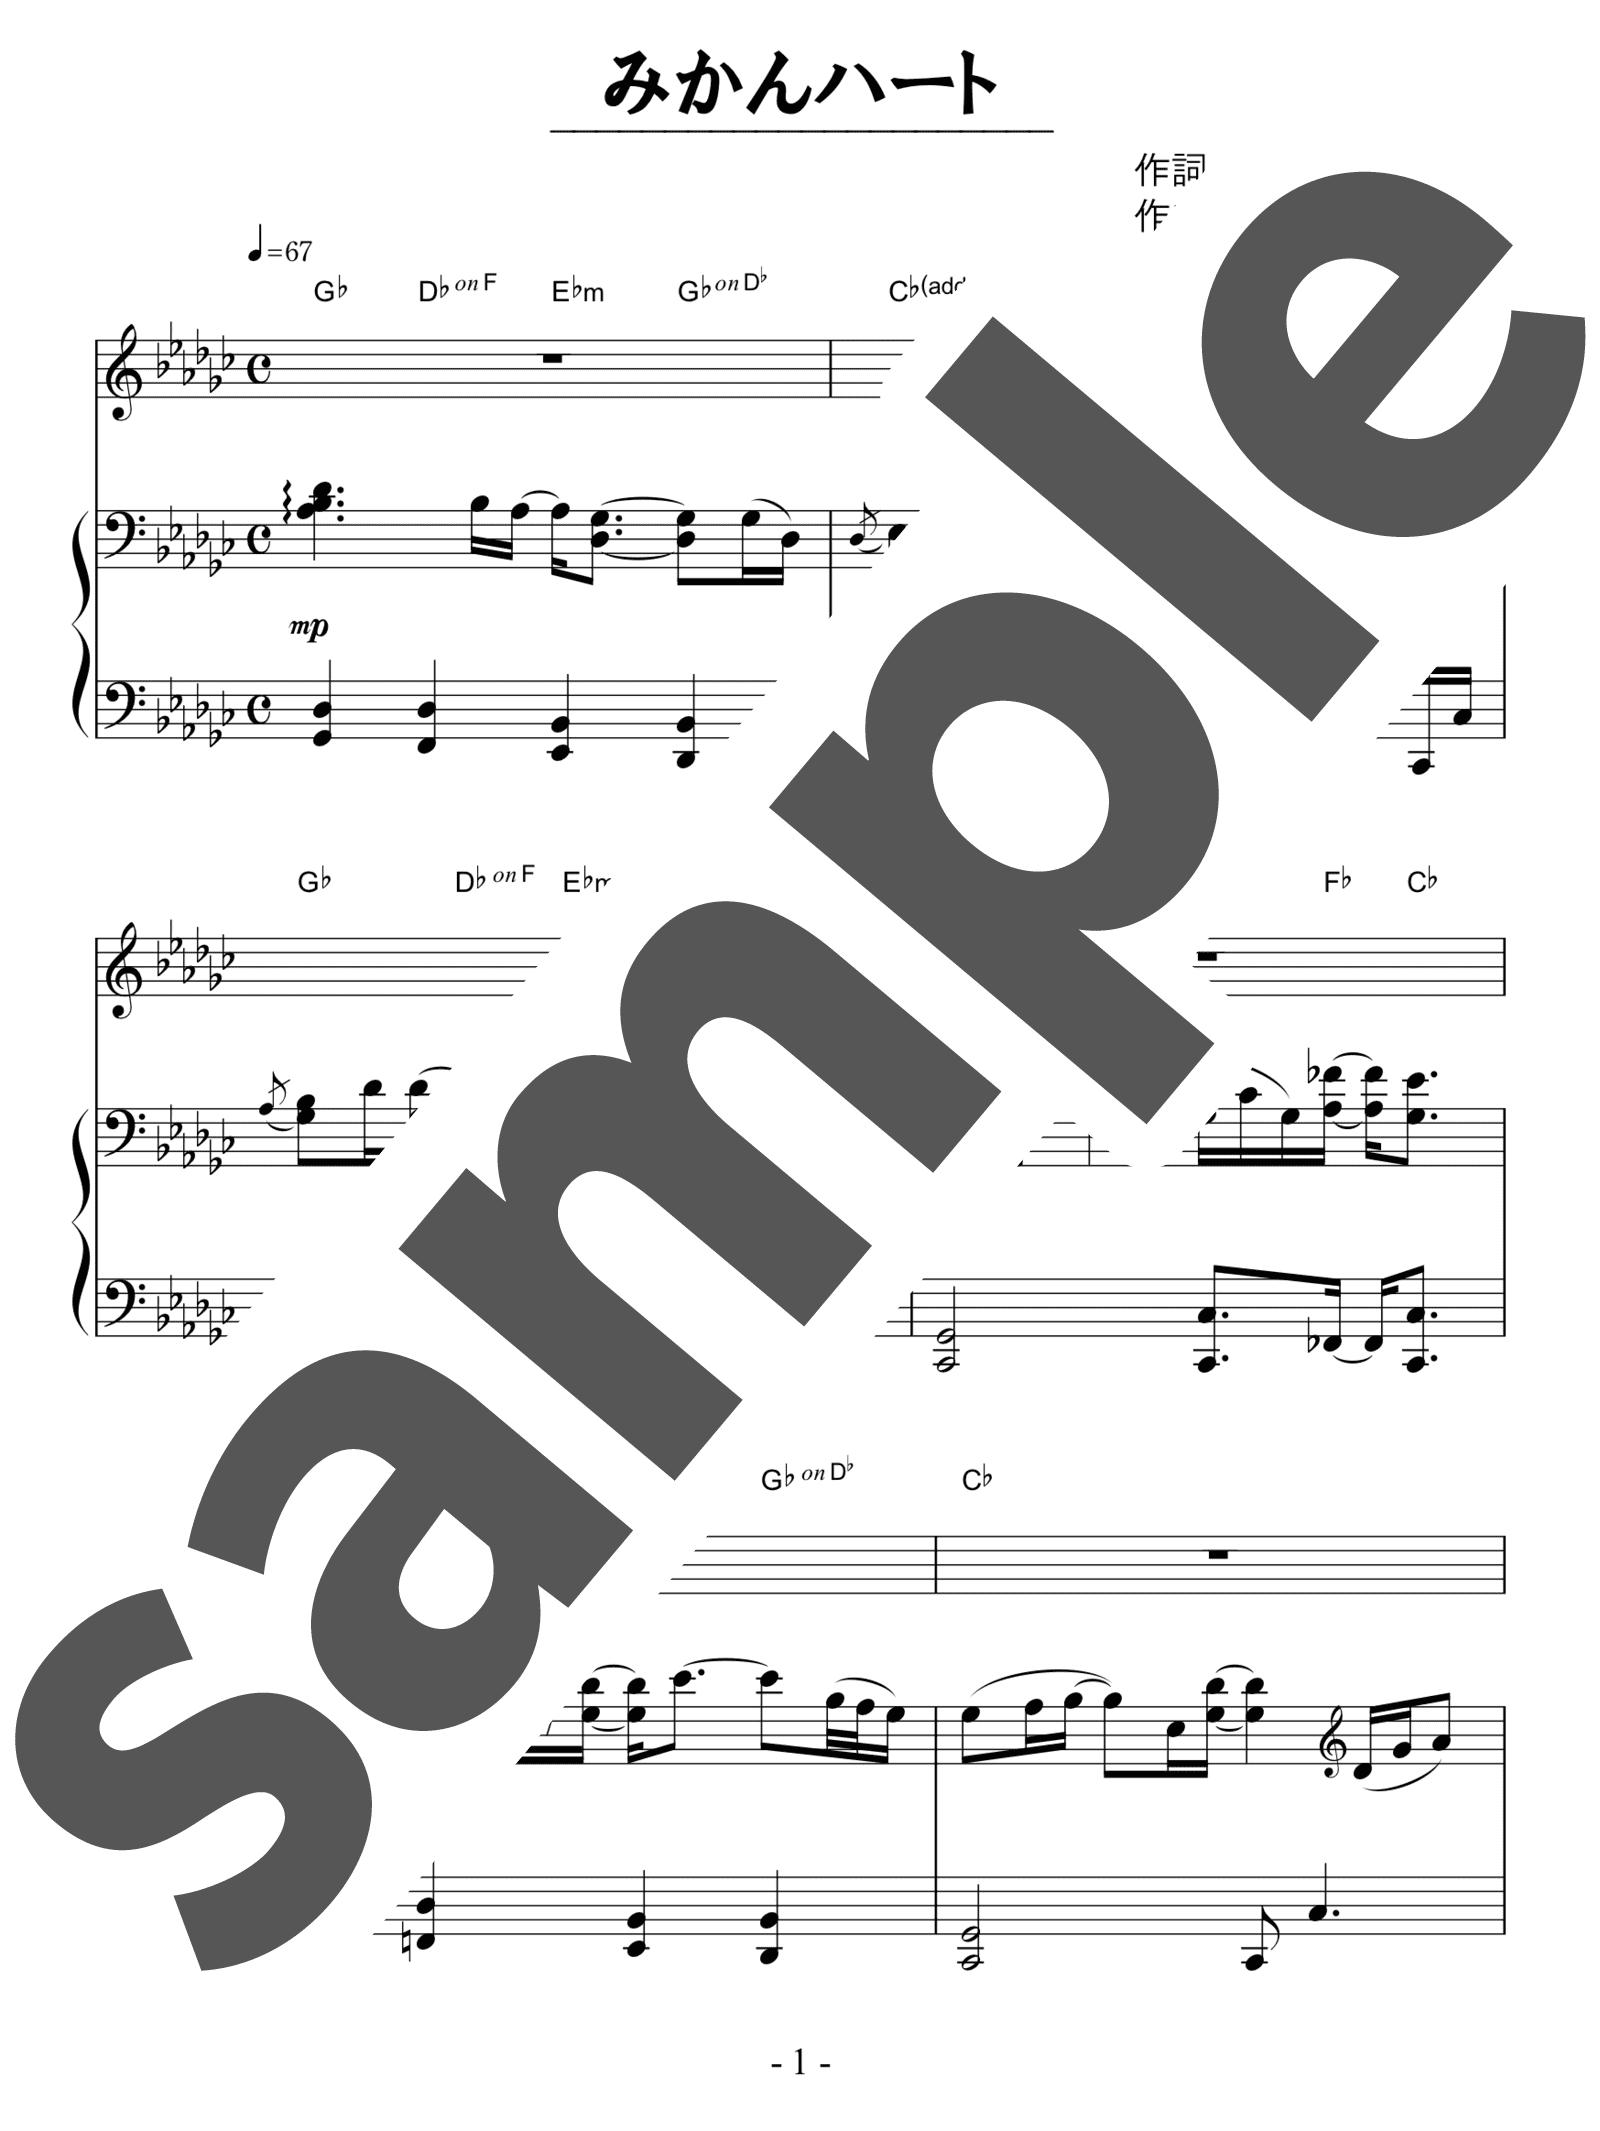 「みかんハート」のサンプル楽譜